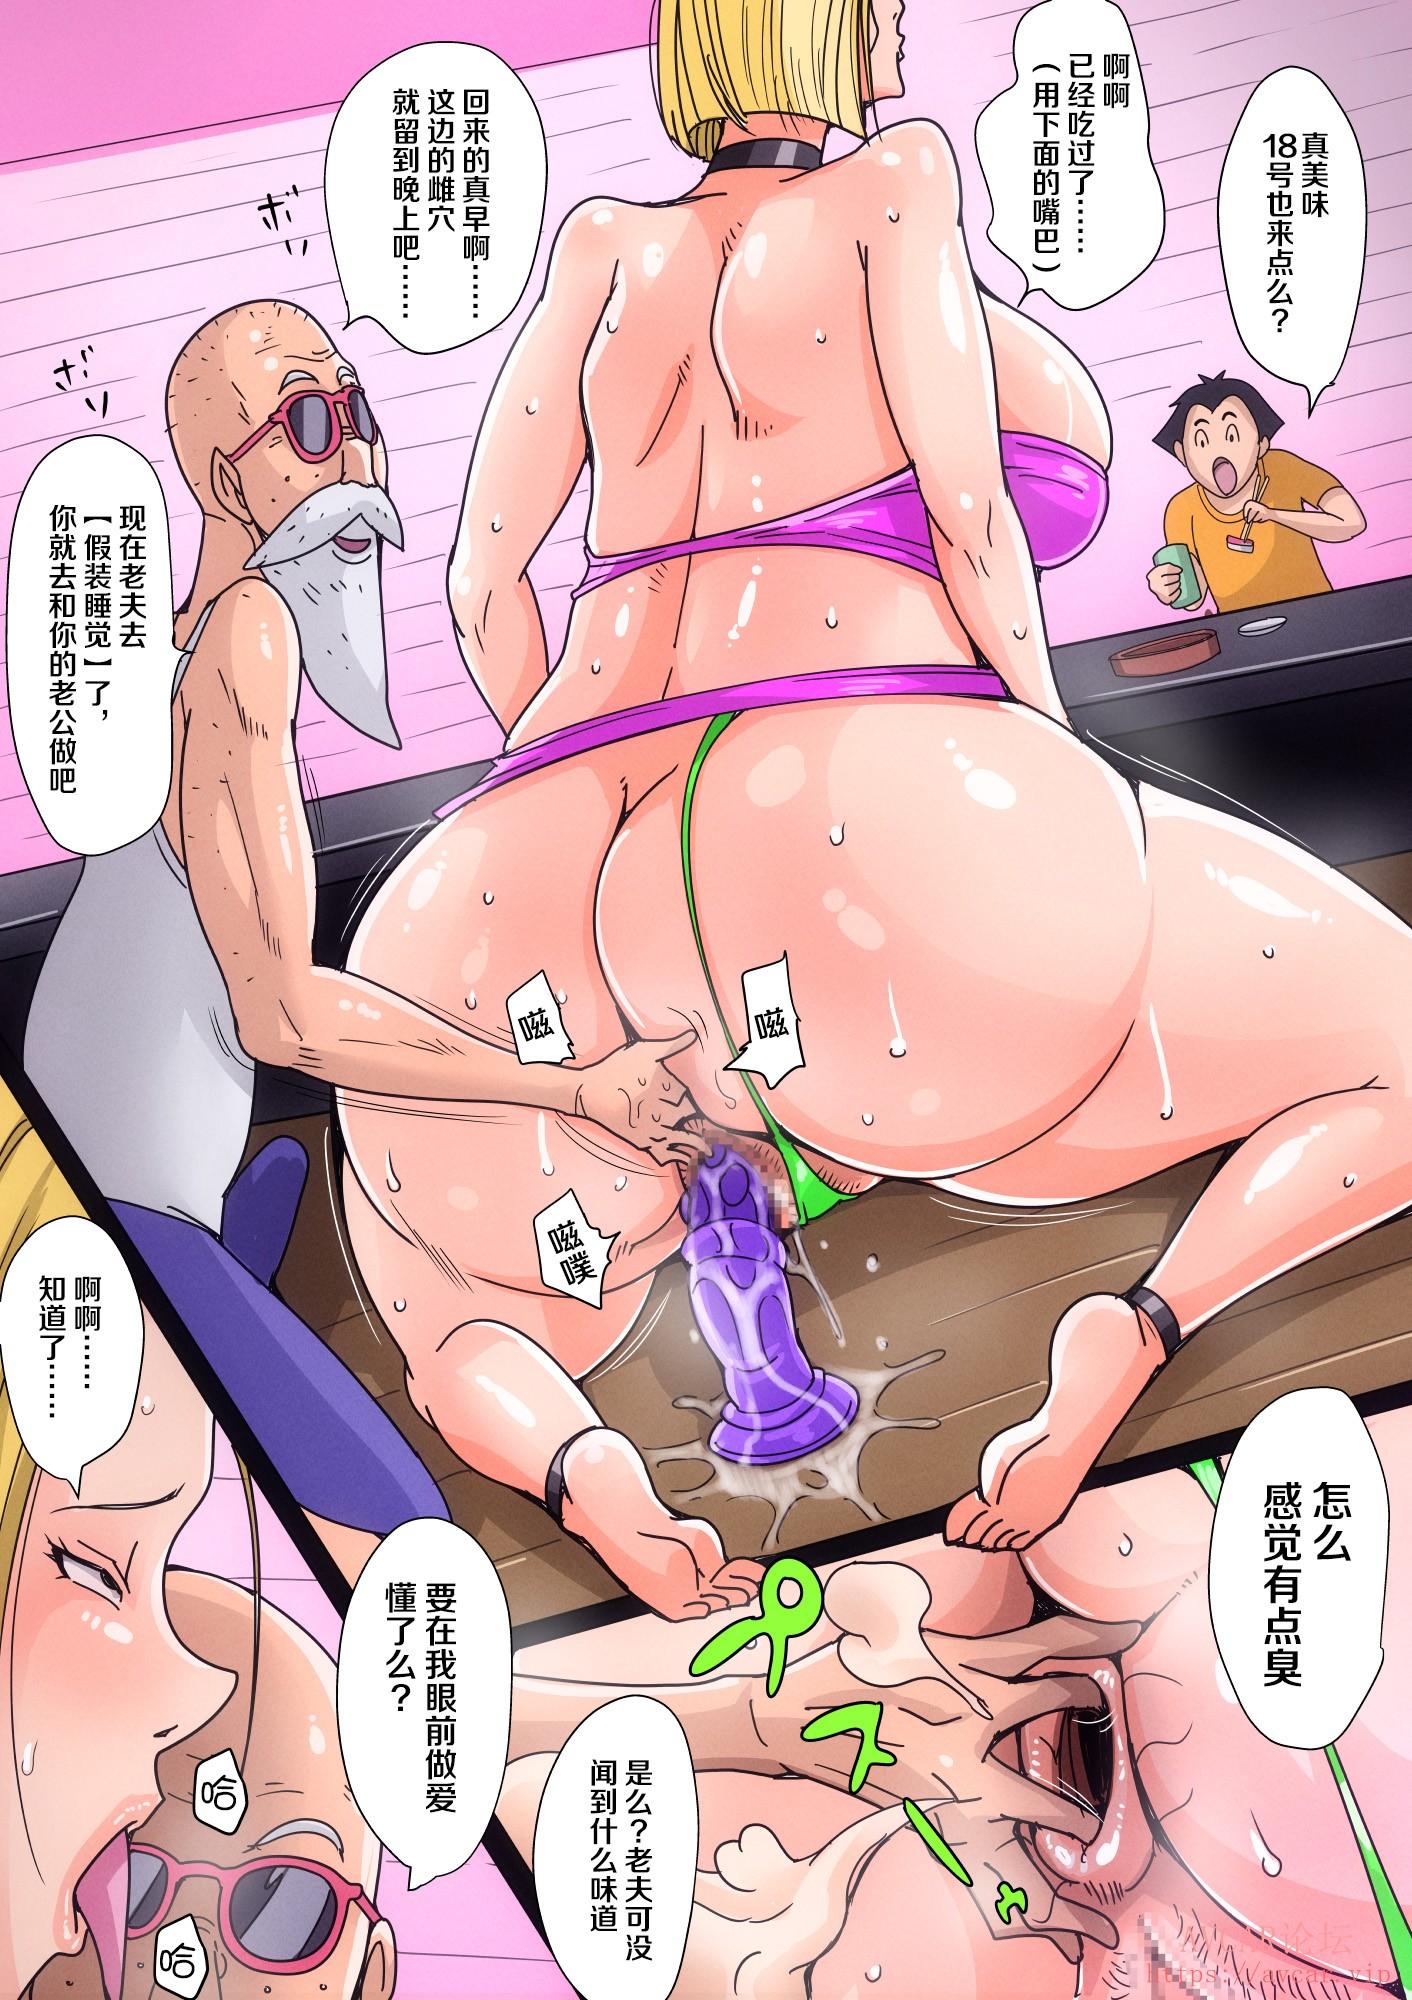 24_27_bkyu_manga10_027.jpg